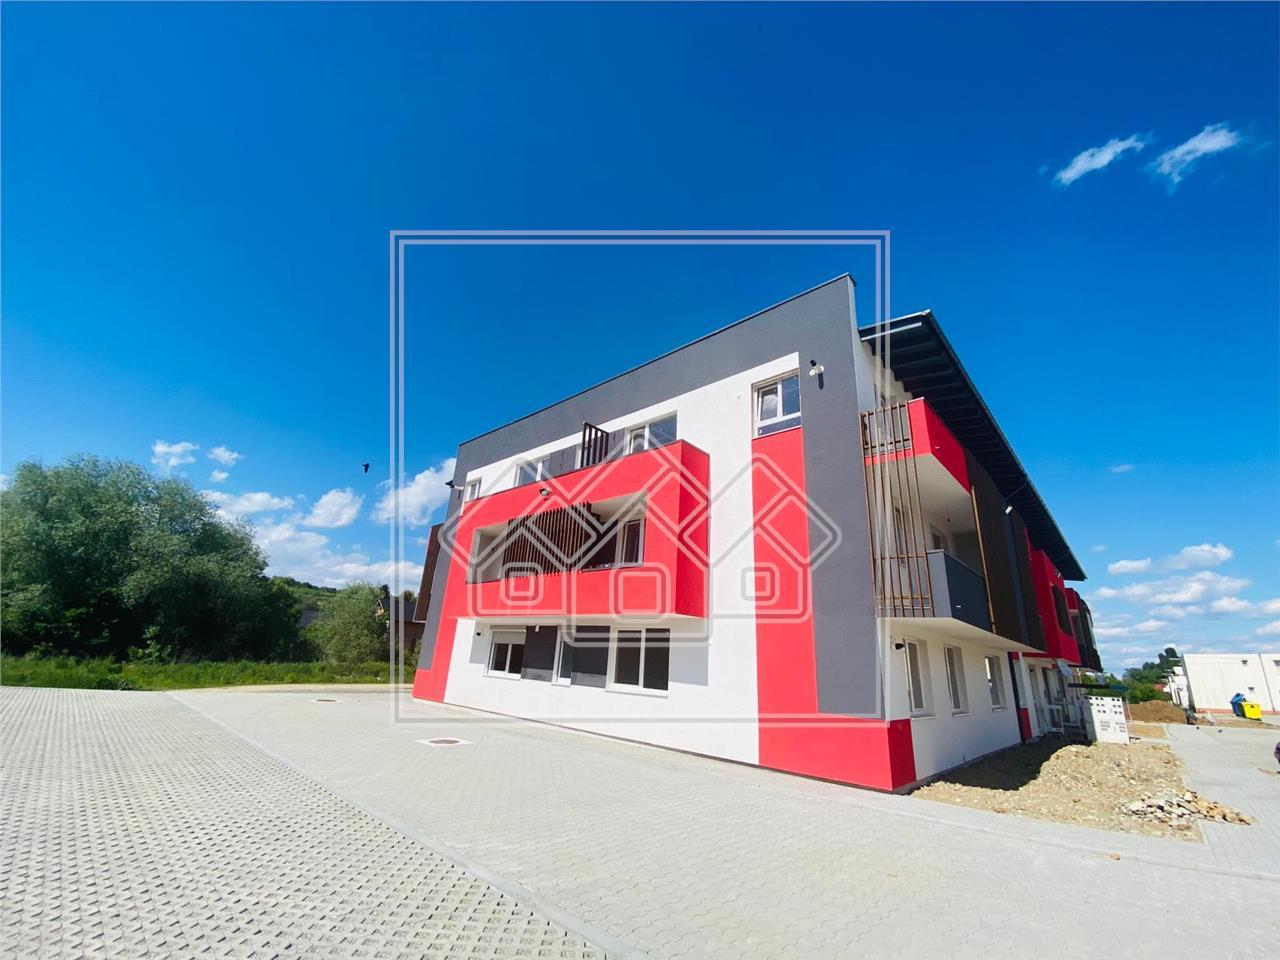 Apartament de vanzare in Sibiu (Cisnadie)-3 camere la cheie